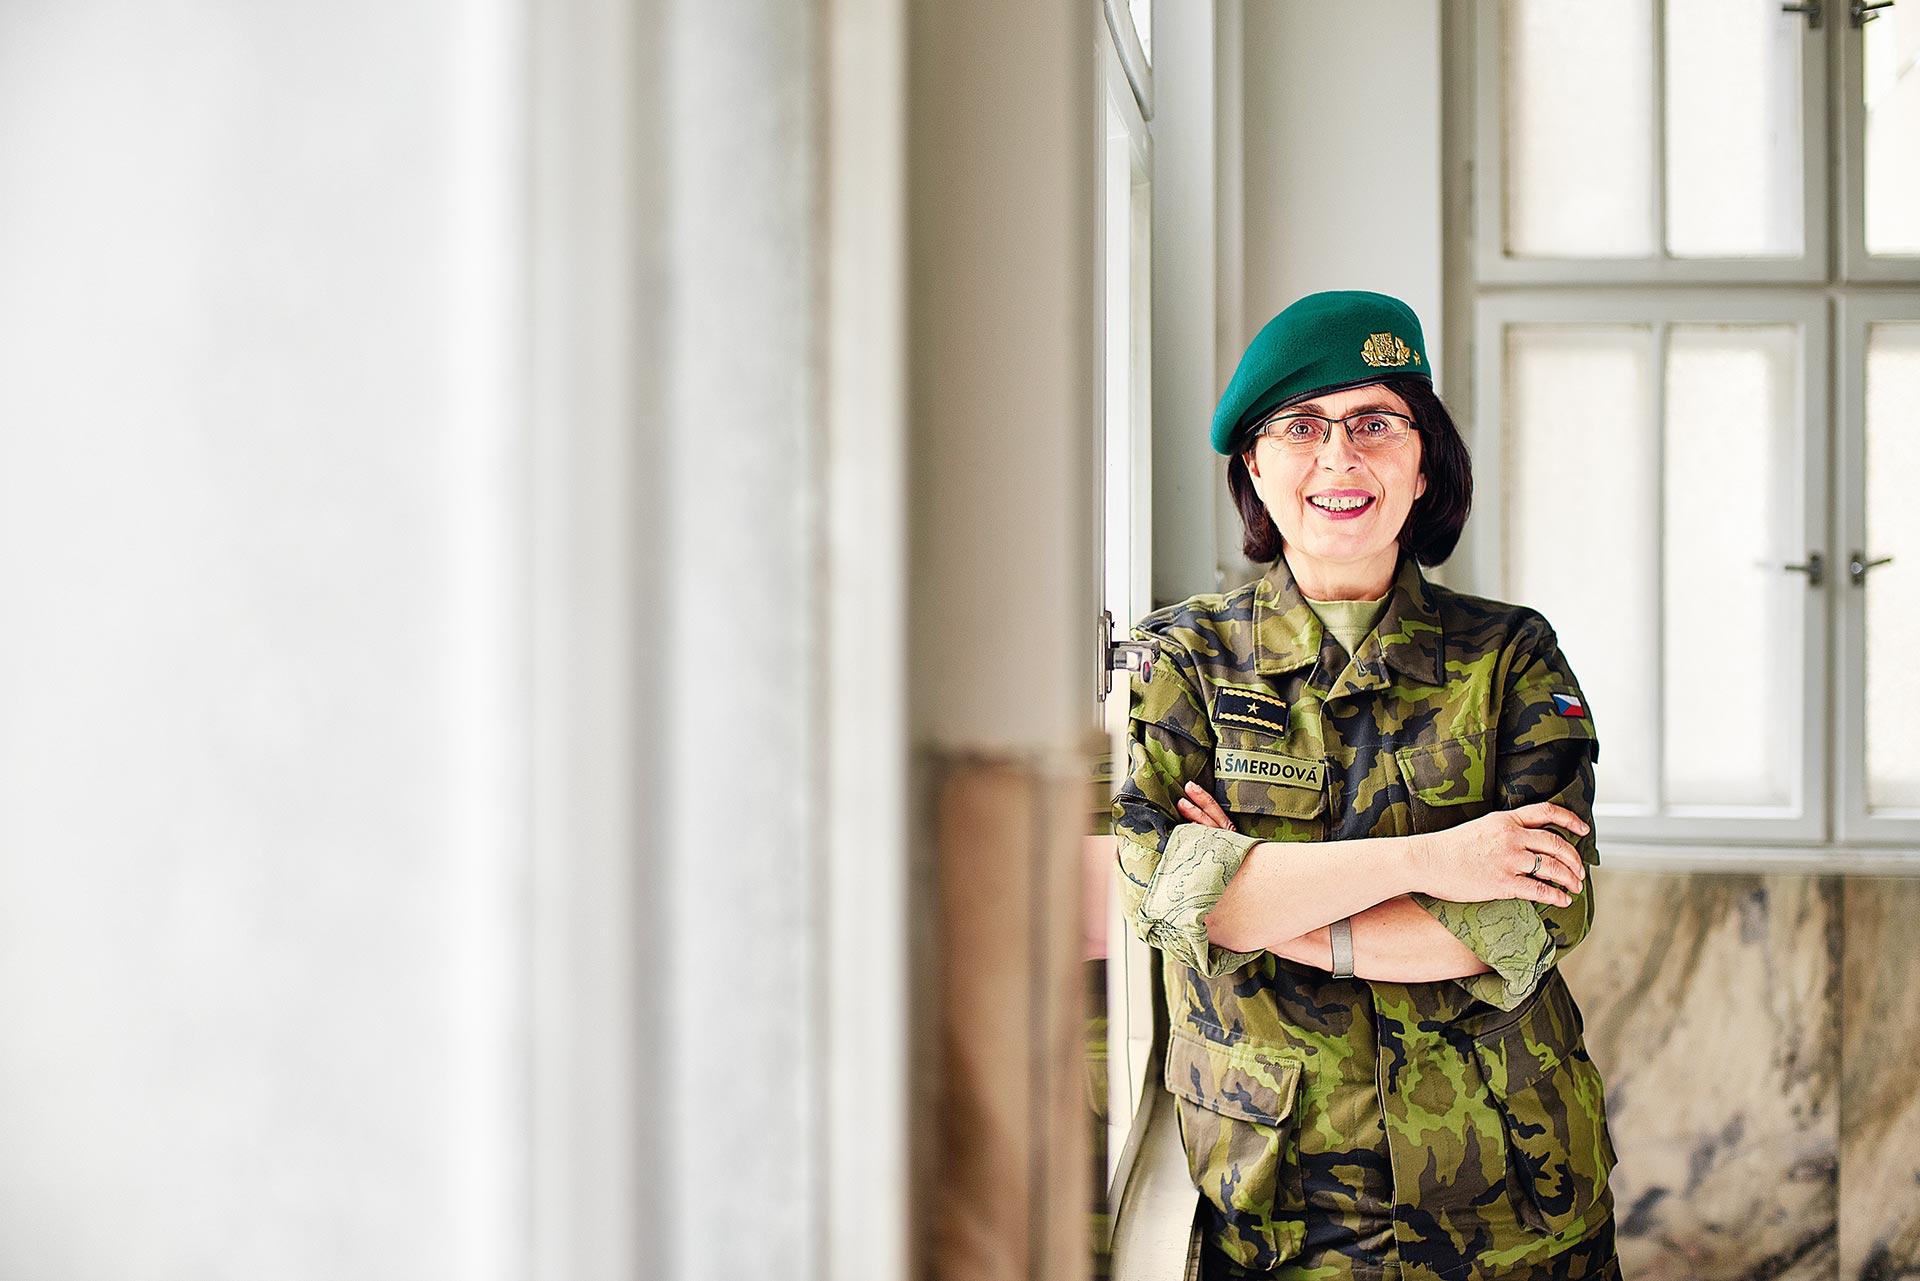 Lenka Smerdova